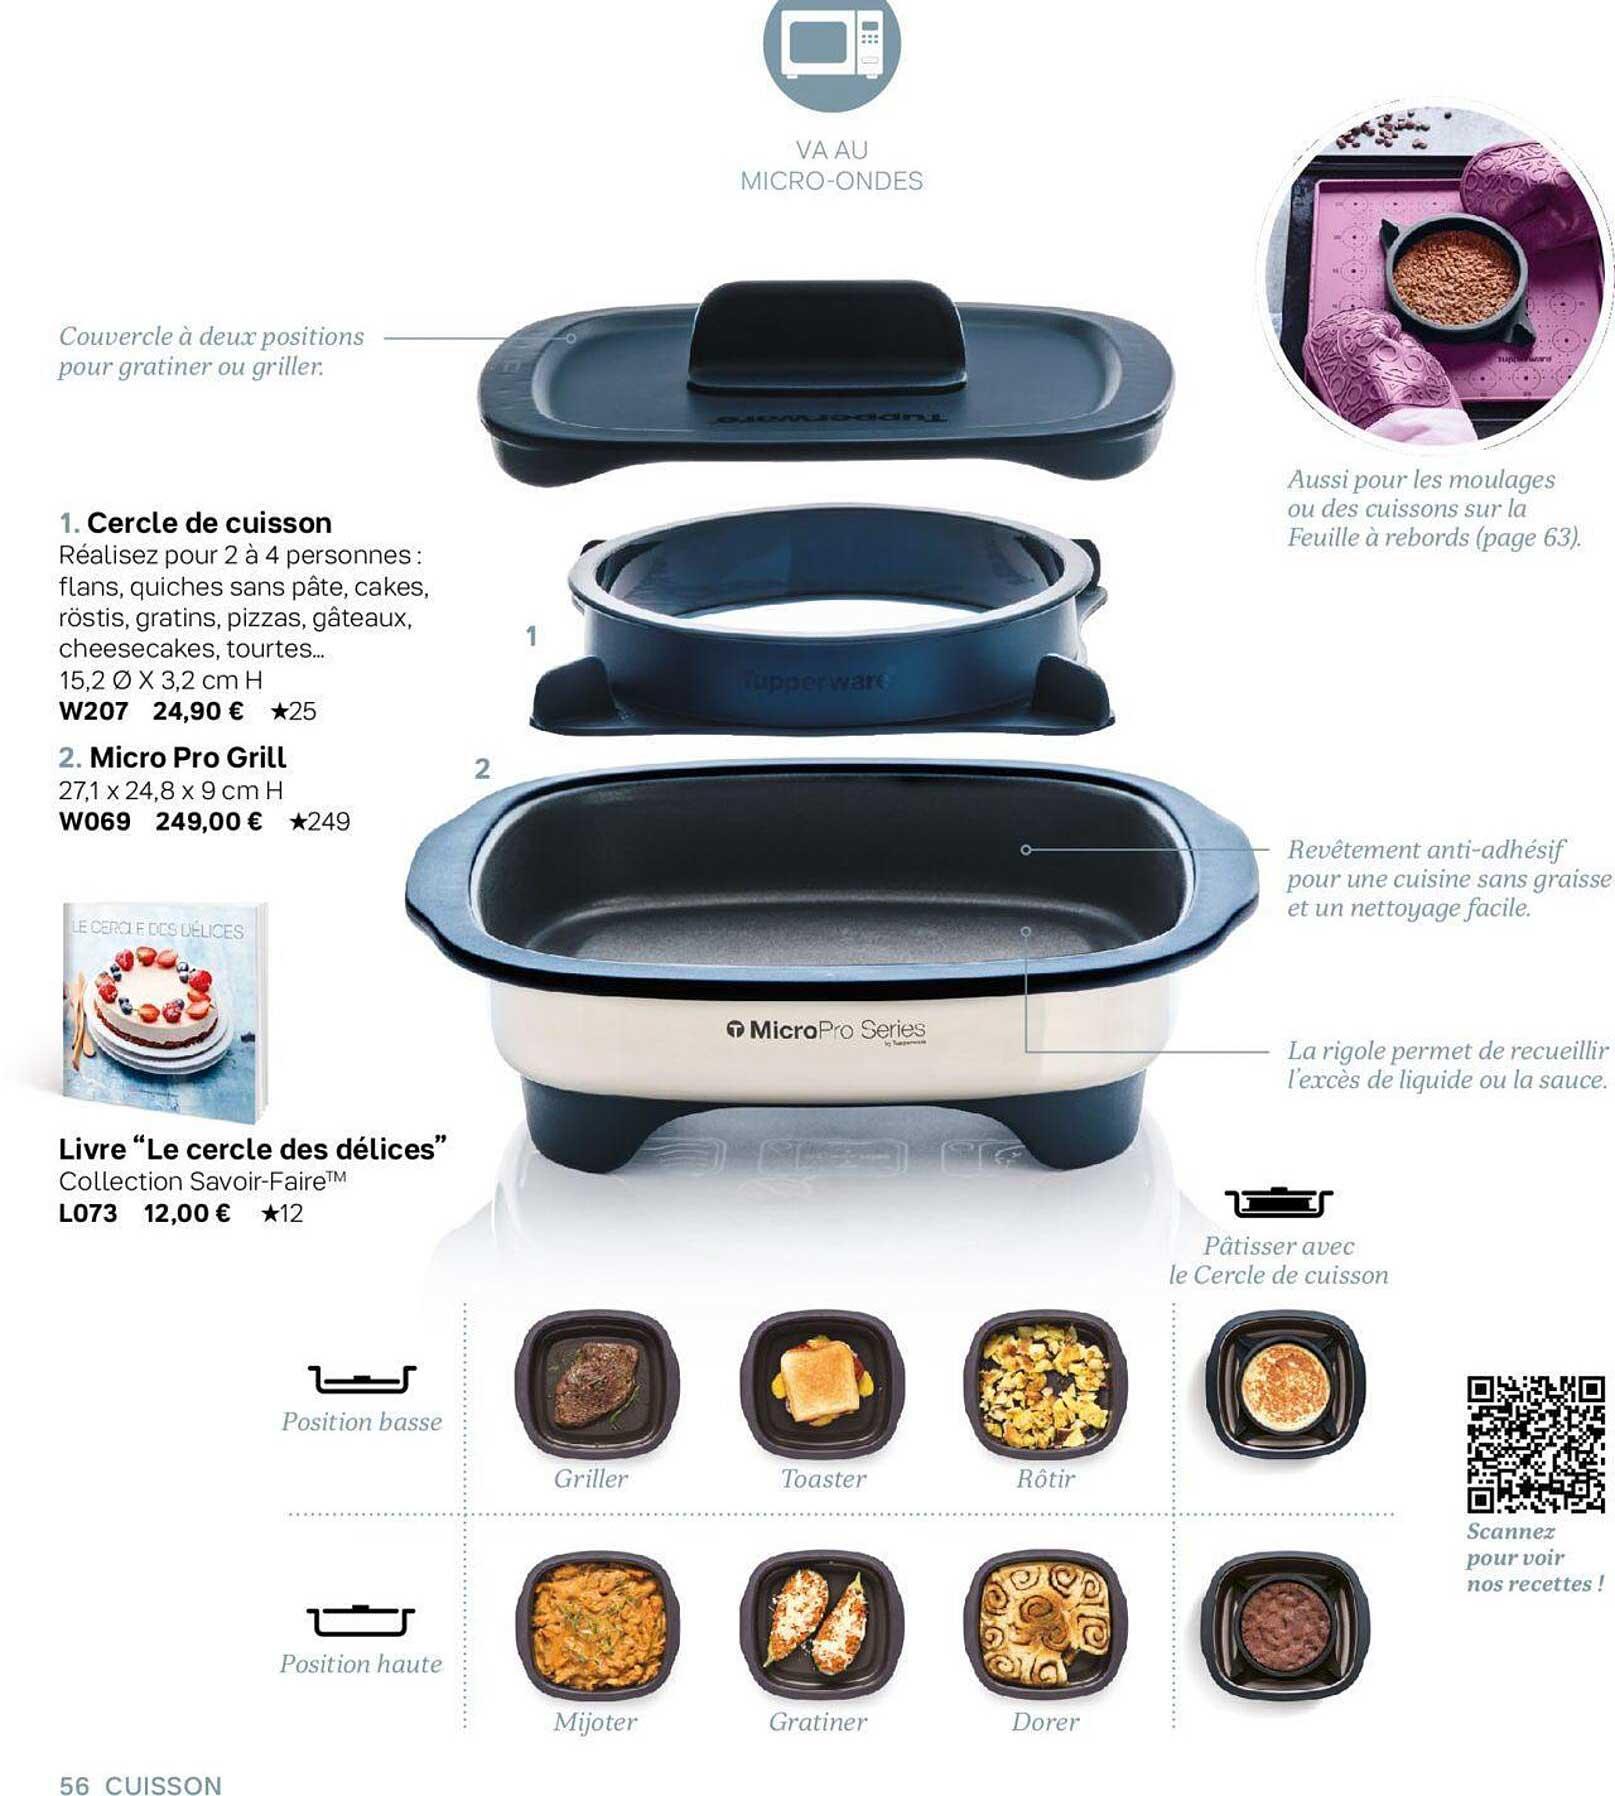 Tupperware Cercle De Cuisson, Micro Pro Grill, Livre